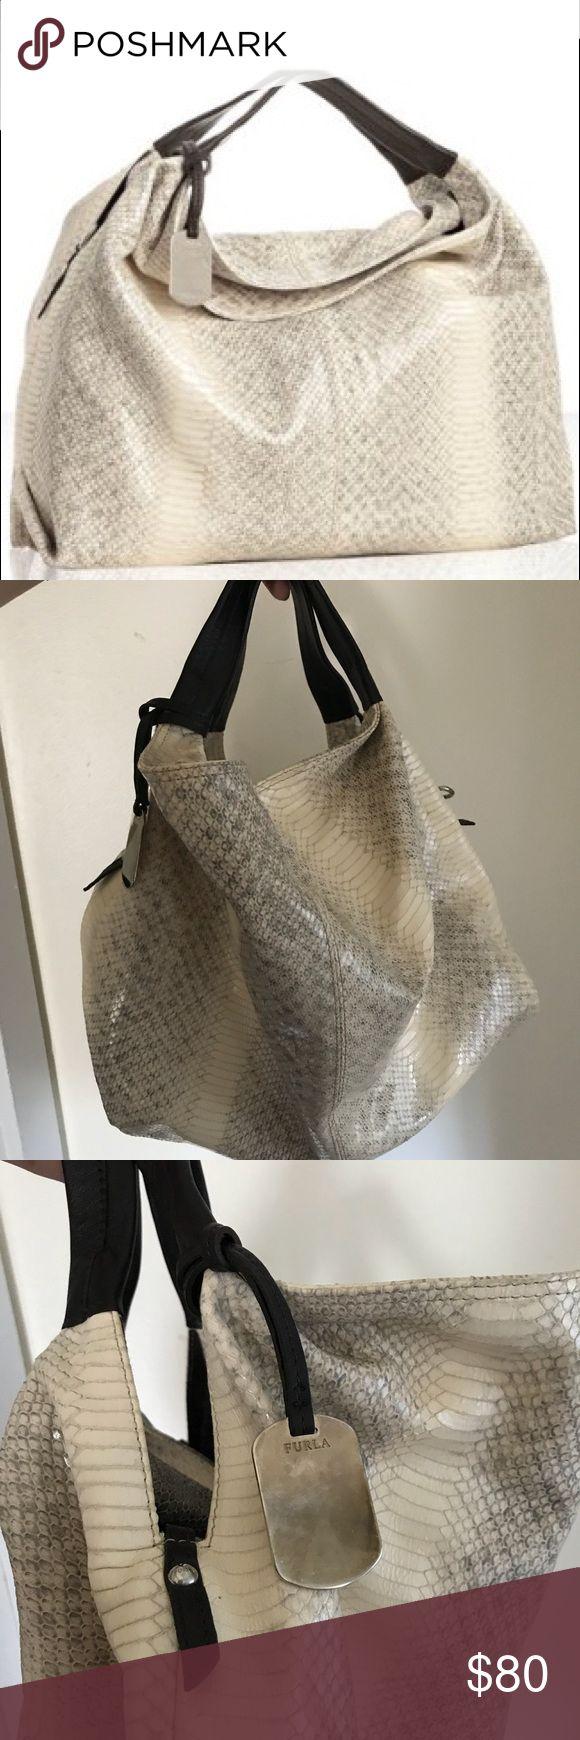 furla cream python print bag furla cream python print bag (New condition) Furla Bags Hobos